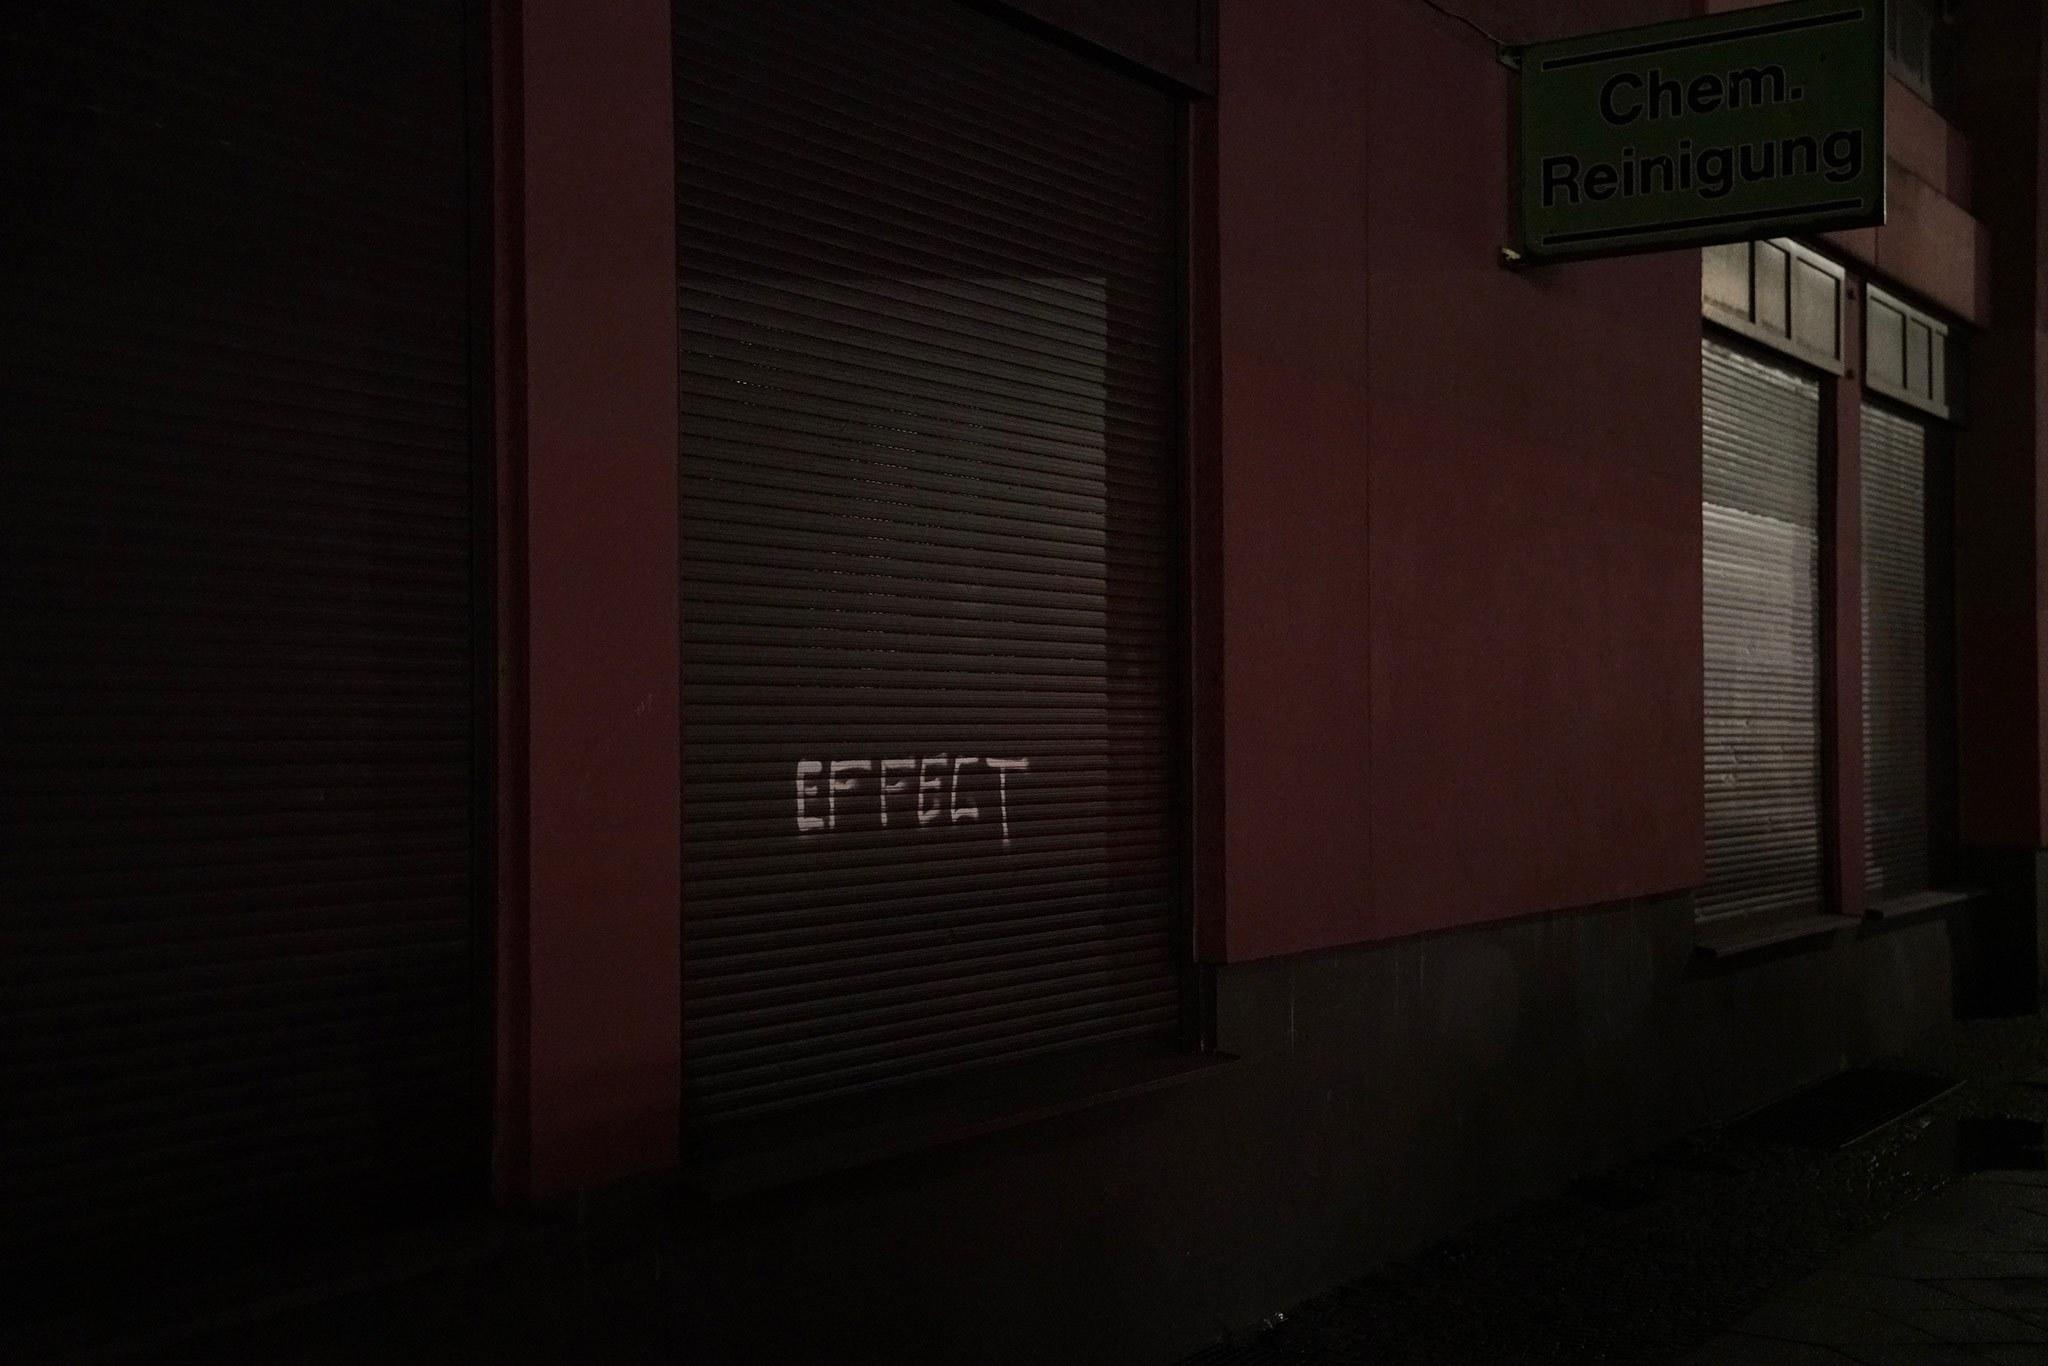 Nacht 09